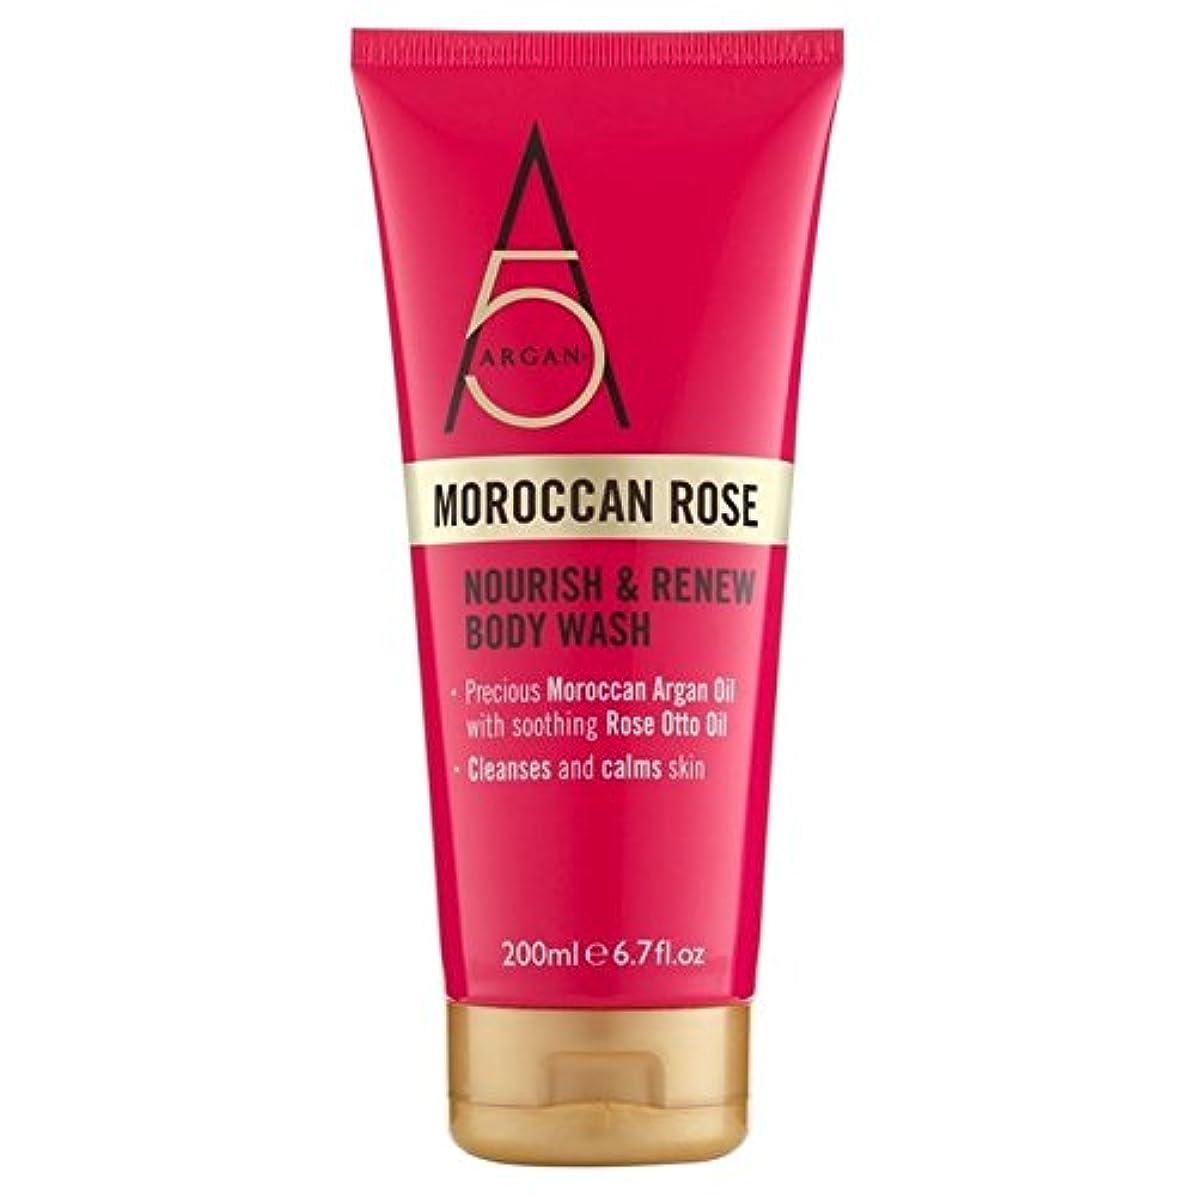 Argan+ Moroccan Rose Body Wash 300ml - アルガン+モロッコは、ボディウォッシュ300ミリリットルをバラ [並行輸入品]